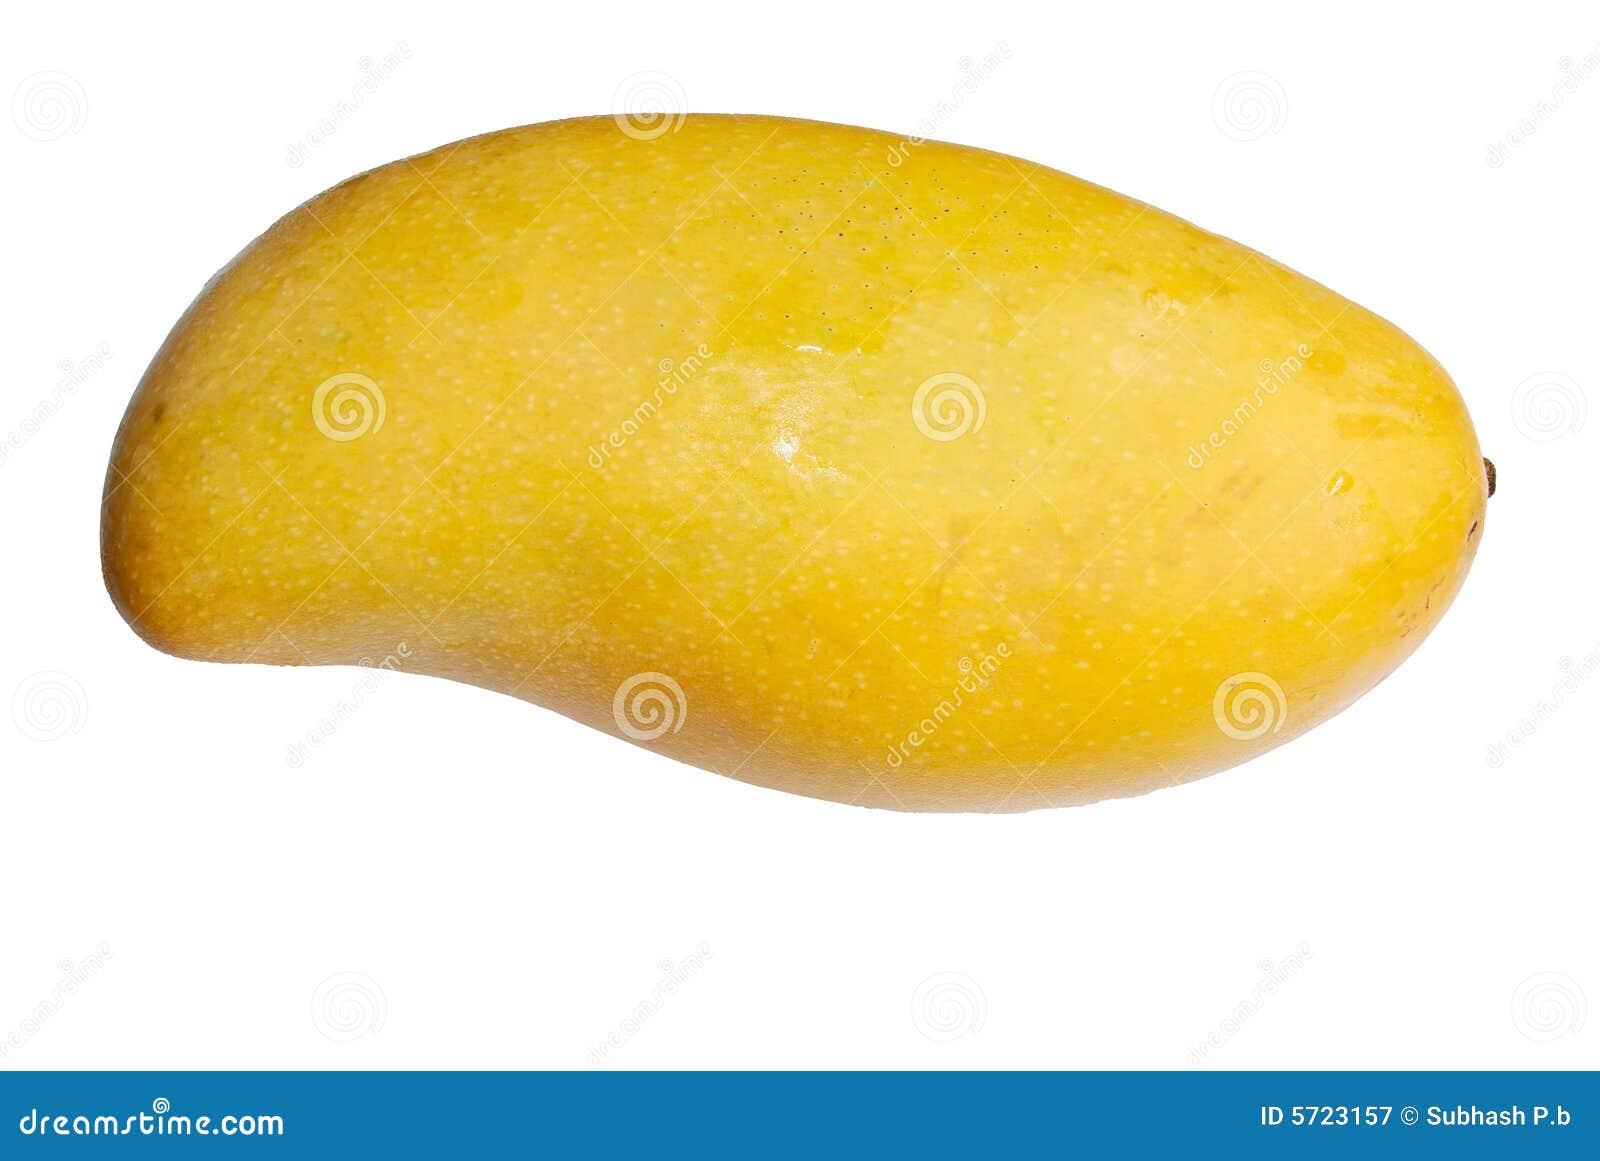 Mango isolated